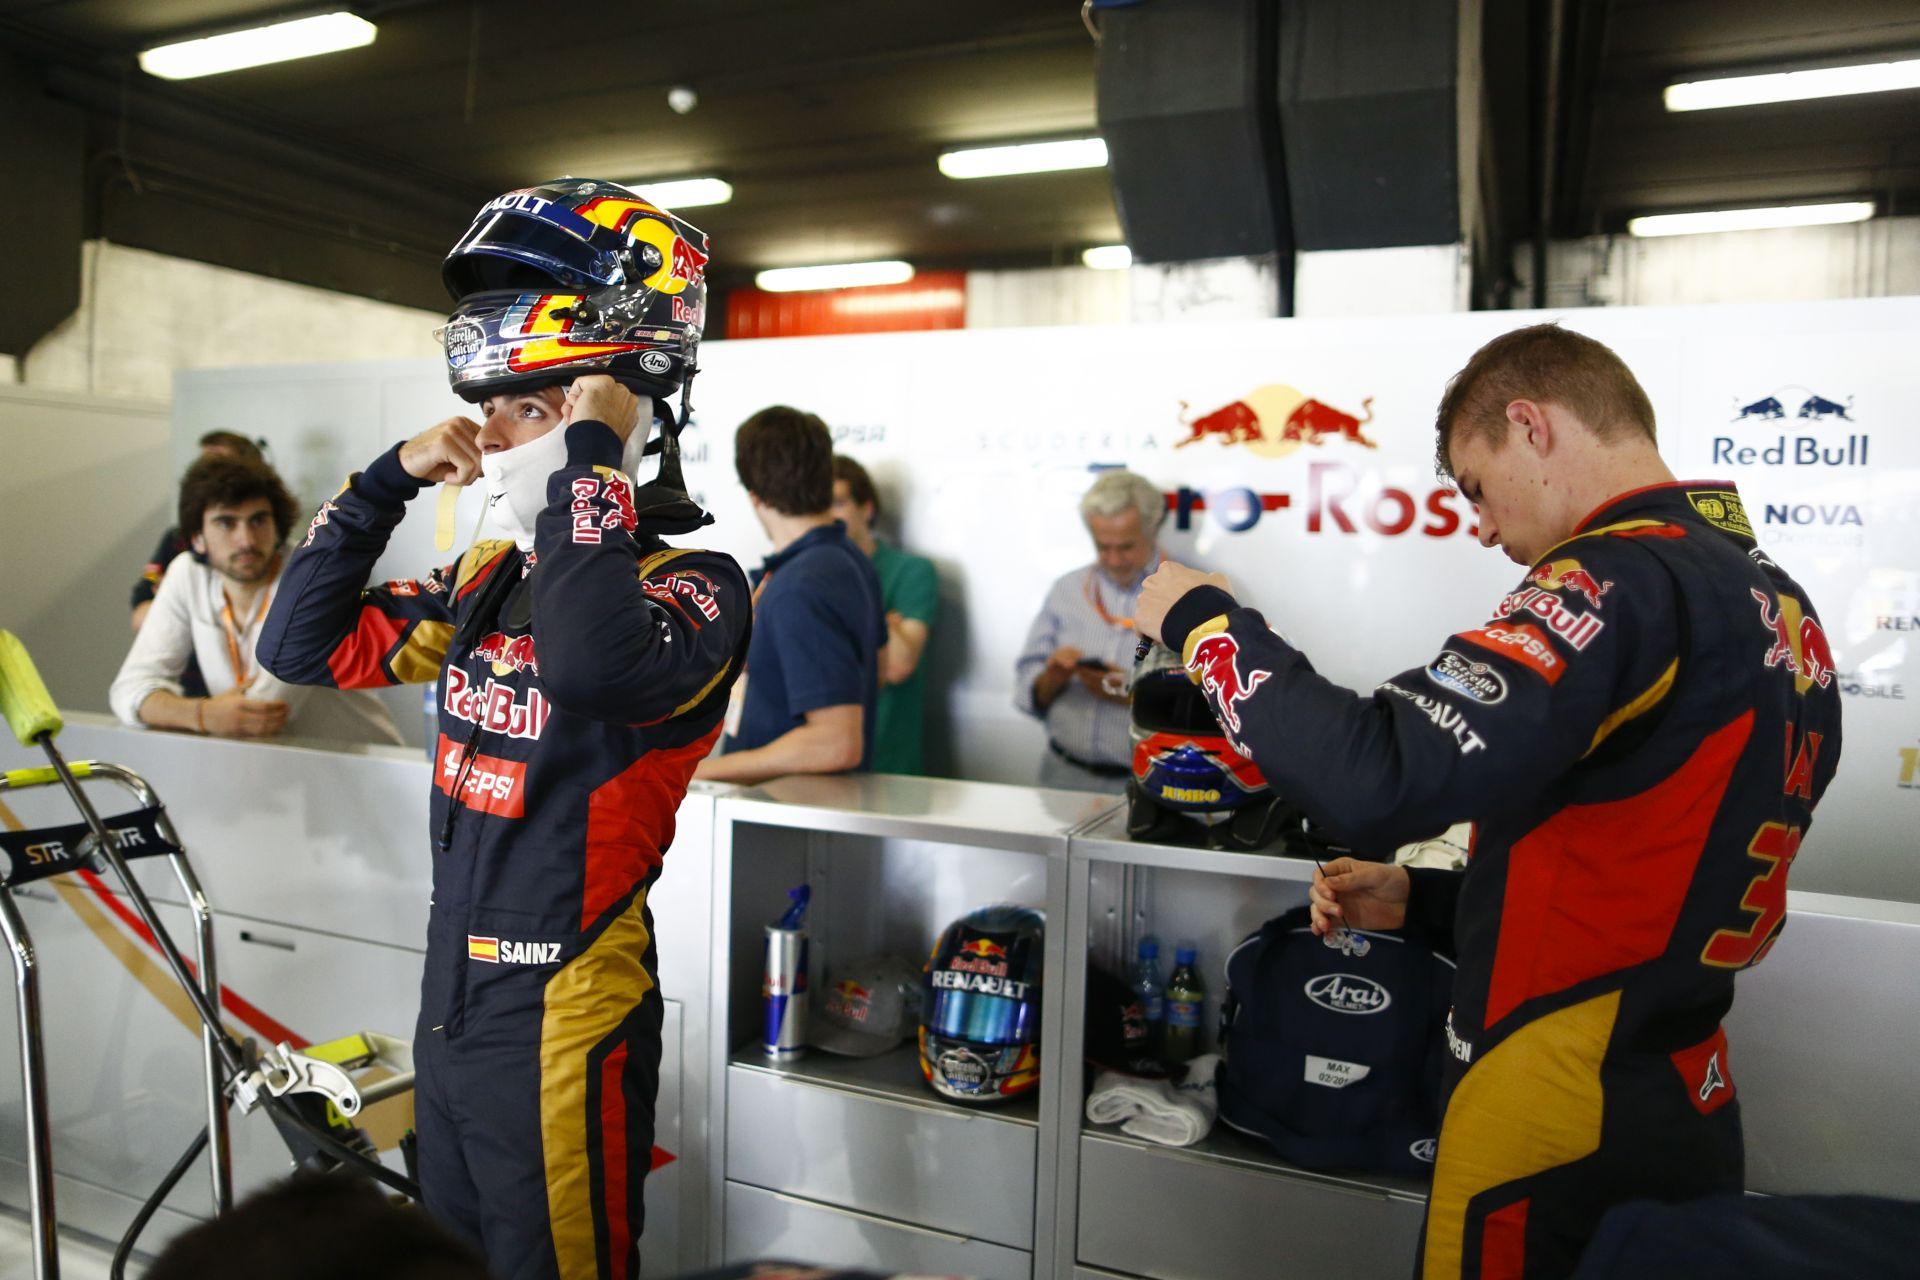 A Red Bull nehéz döntés előtt áll: Verstappen vagy Sainz?